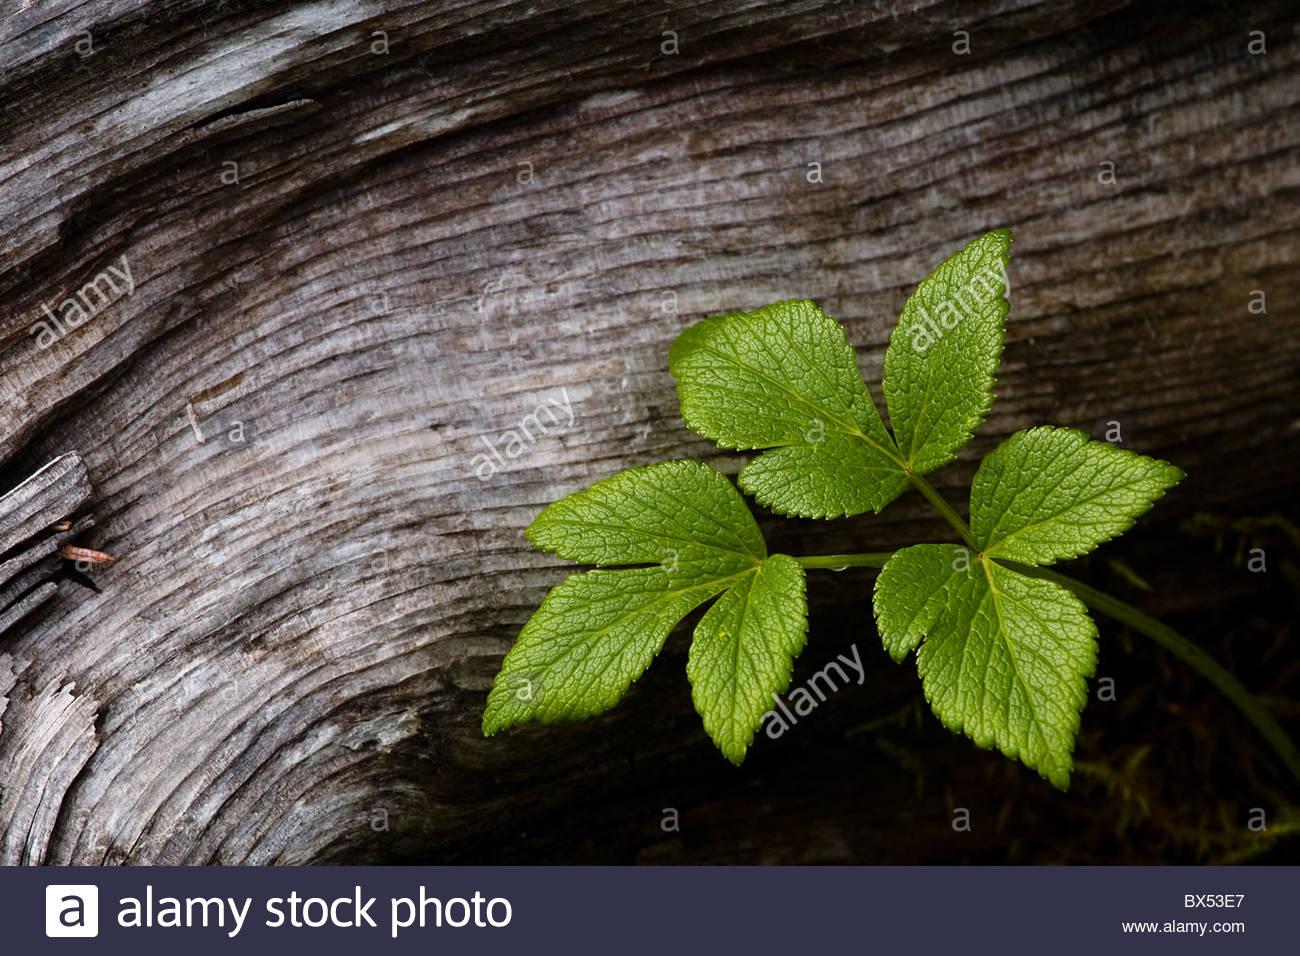 Détail de feuilles juxtaposé aux grains d'une tombée log in Kenai Fjords National Park. Photo Stock